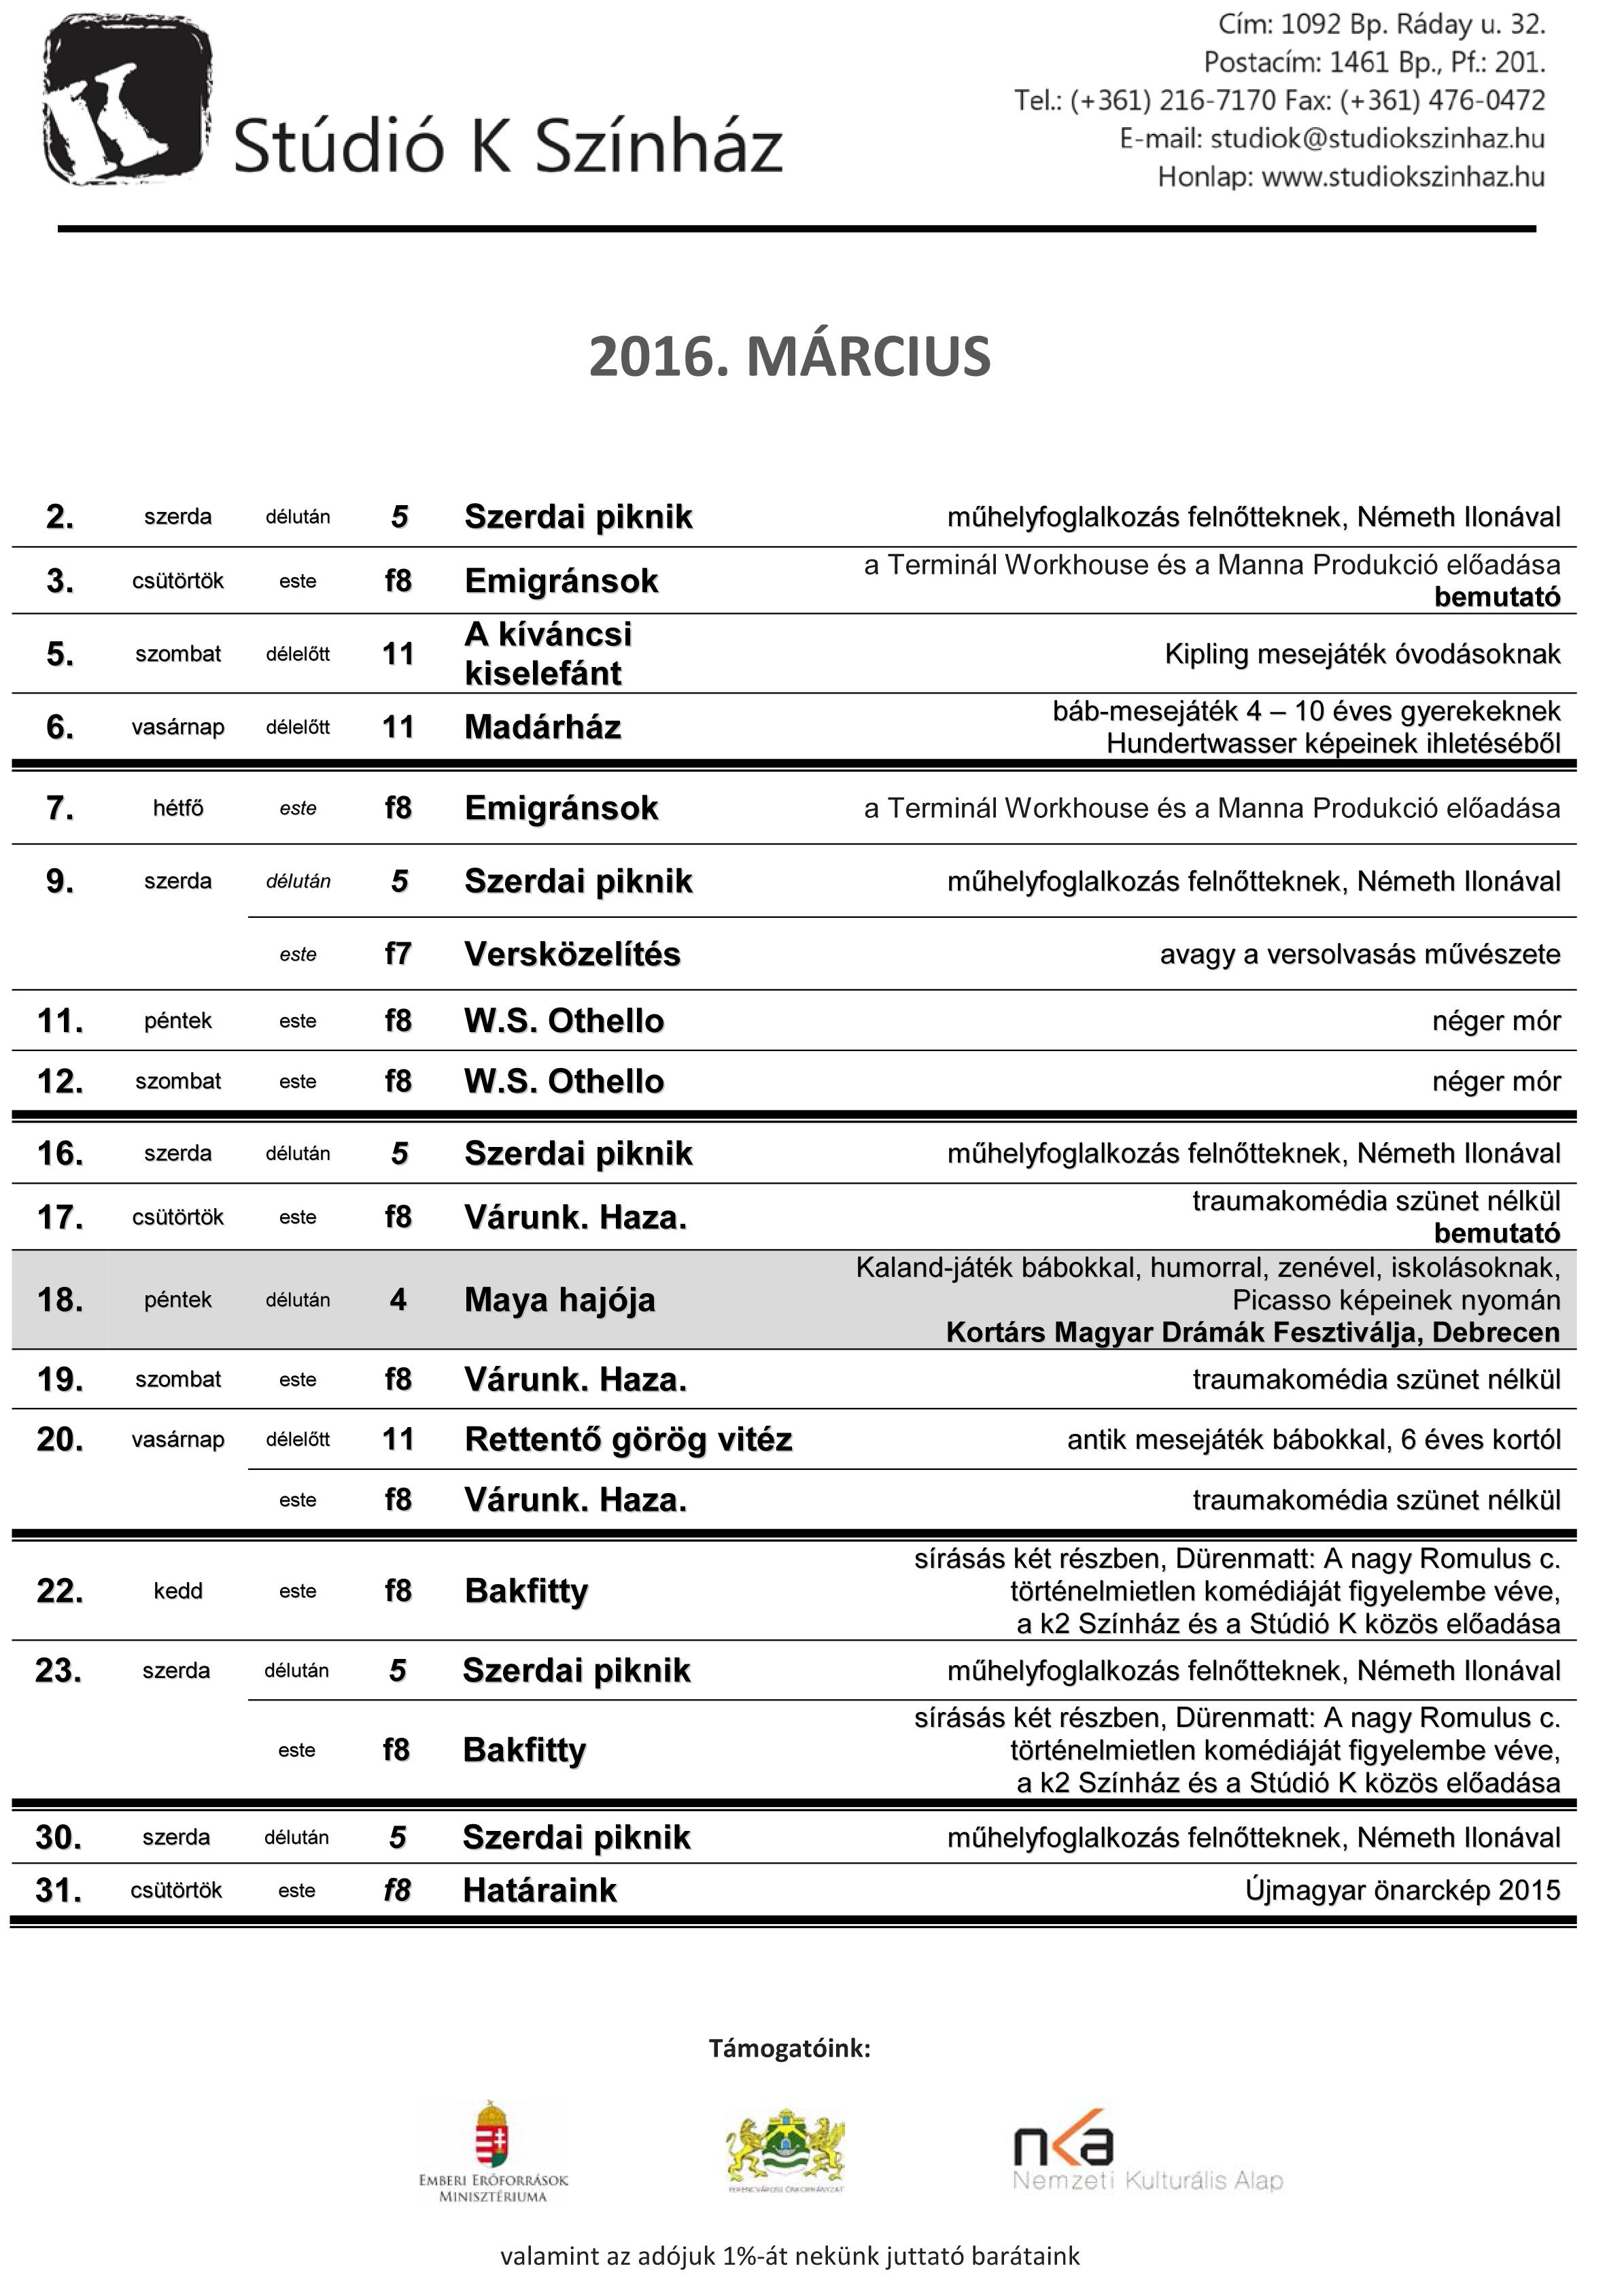 2016_marcius-1